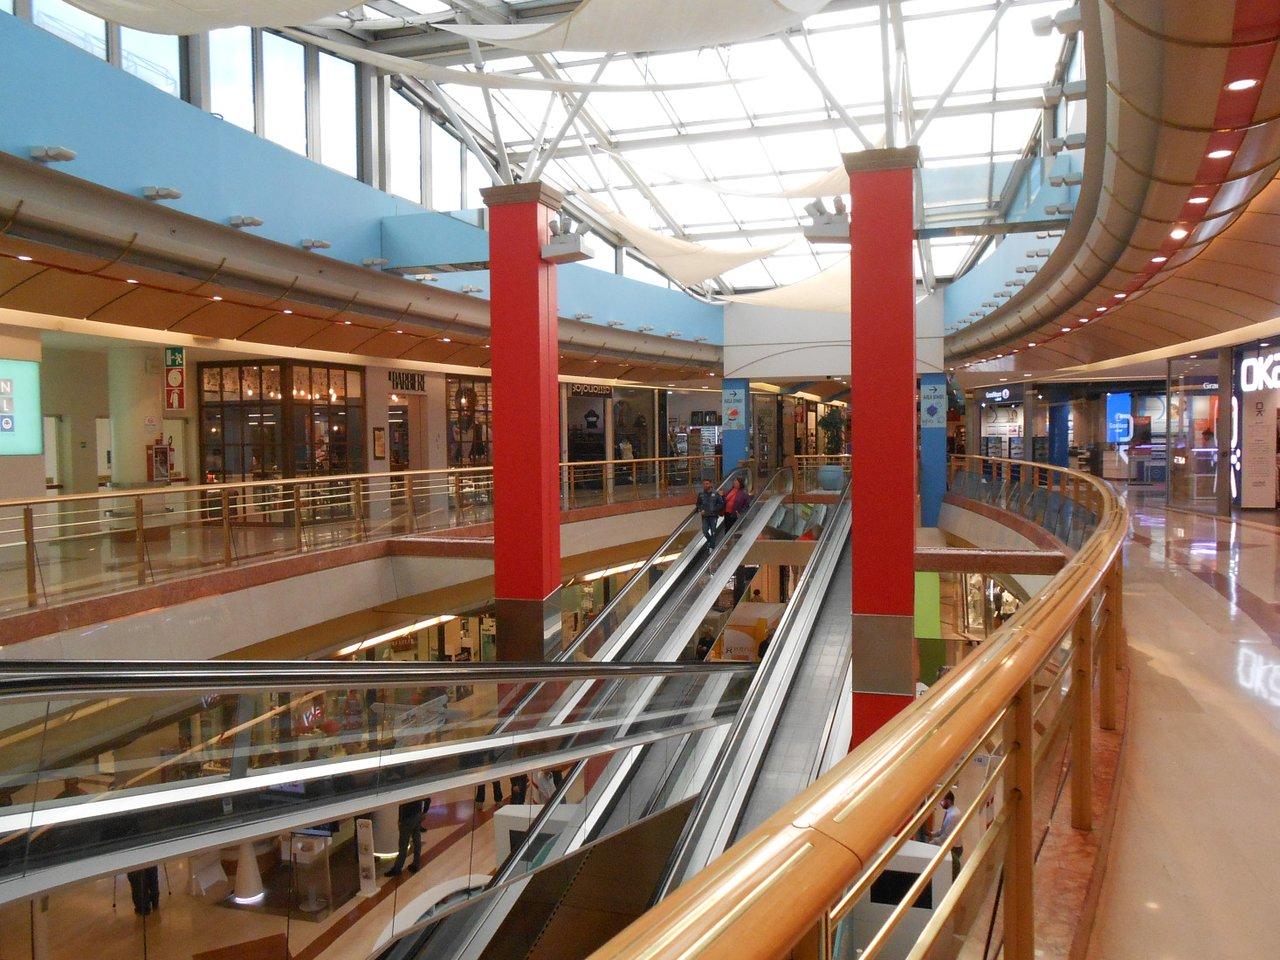 Offerte Tavoli Da Giardino Auchan.Gallerie Centro Commerciale Auchan Mestre Aggiornato 2020